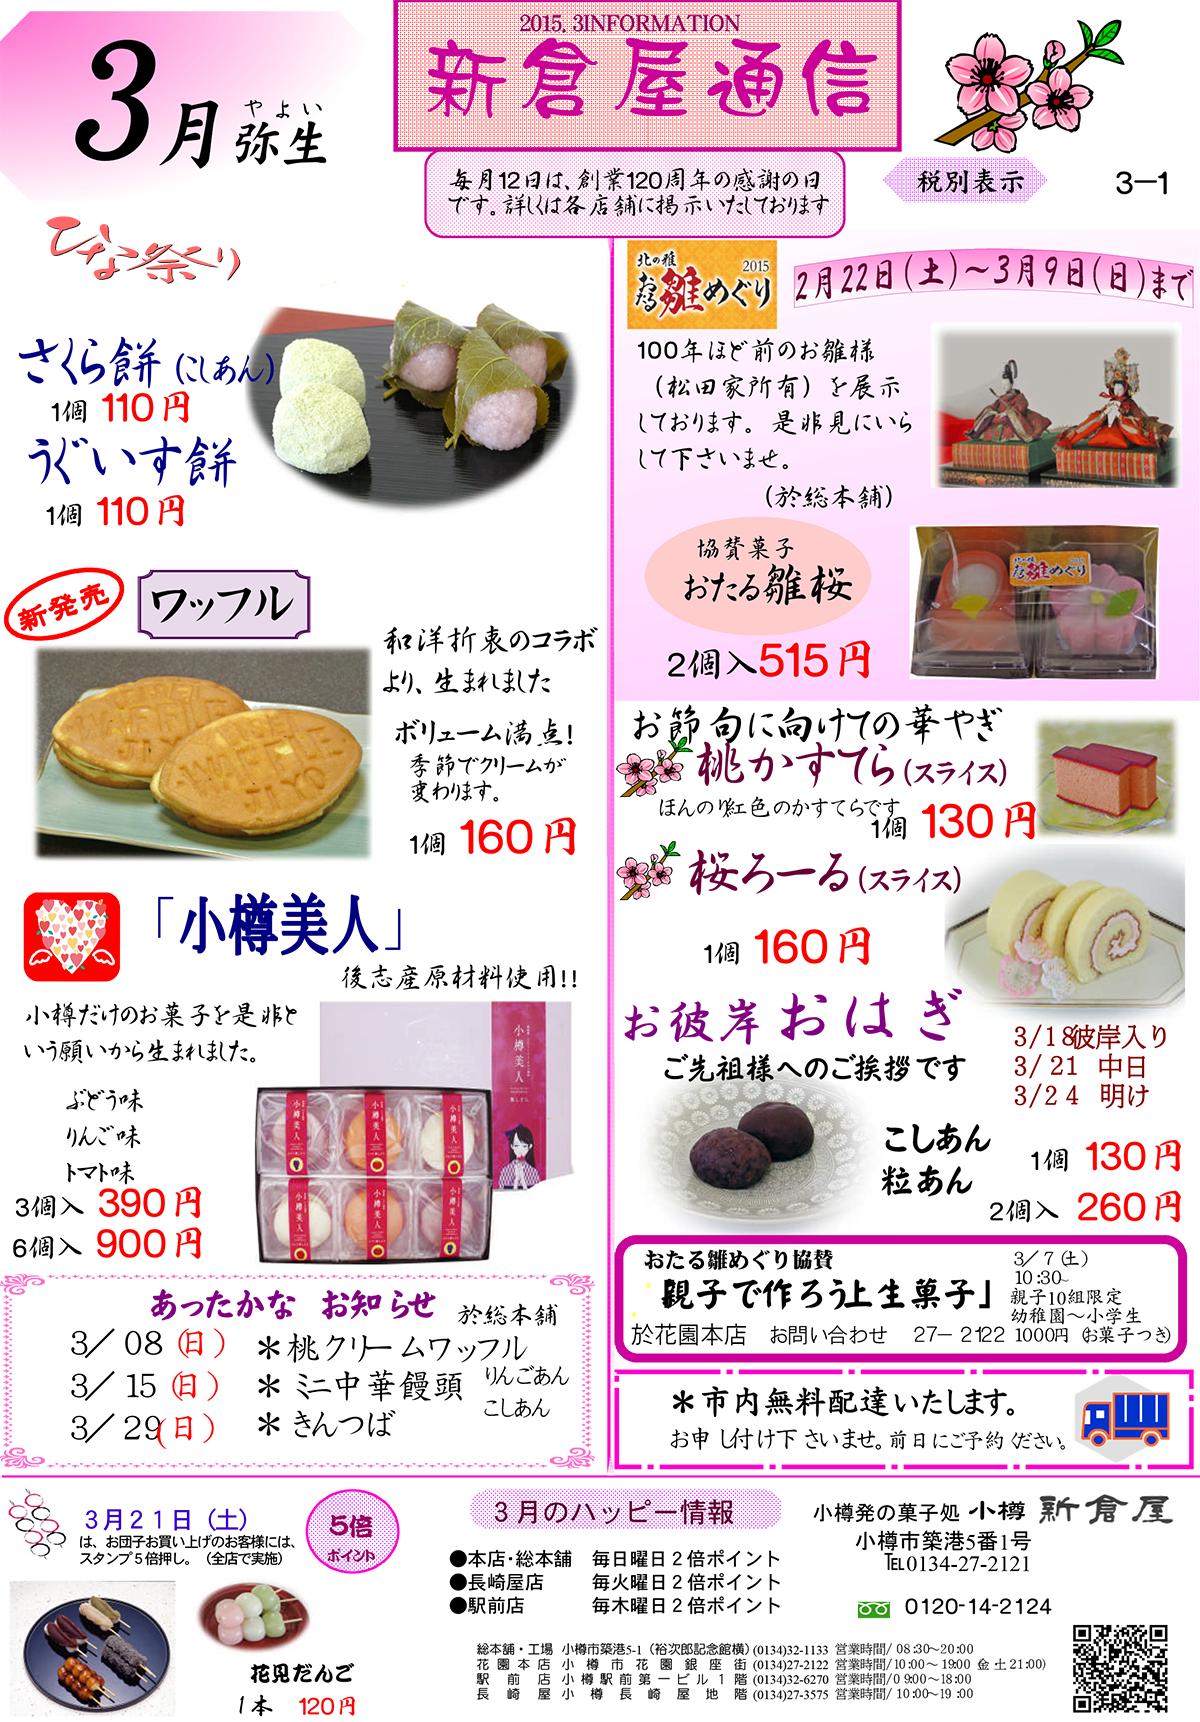 小樽新倉屋2015年3月号